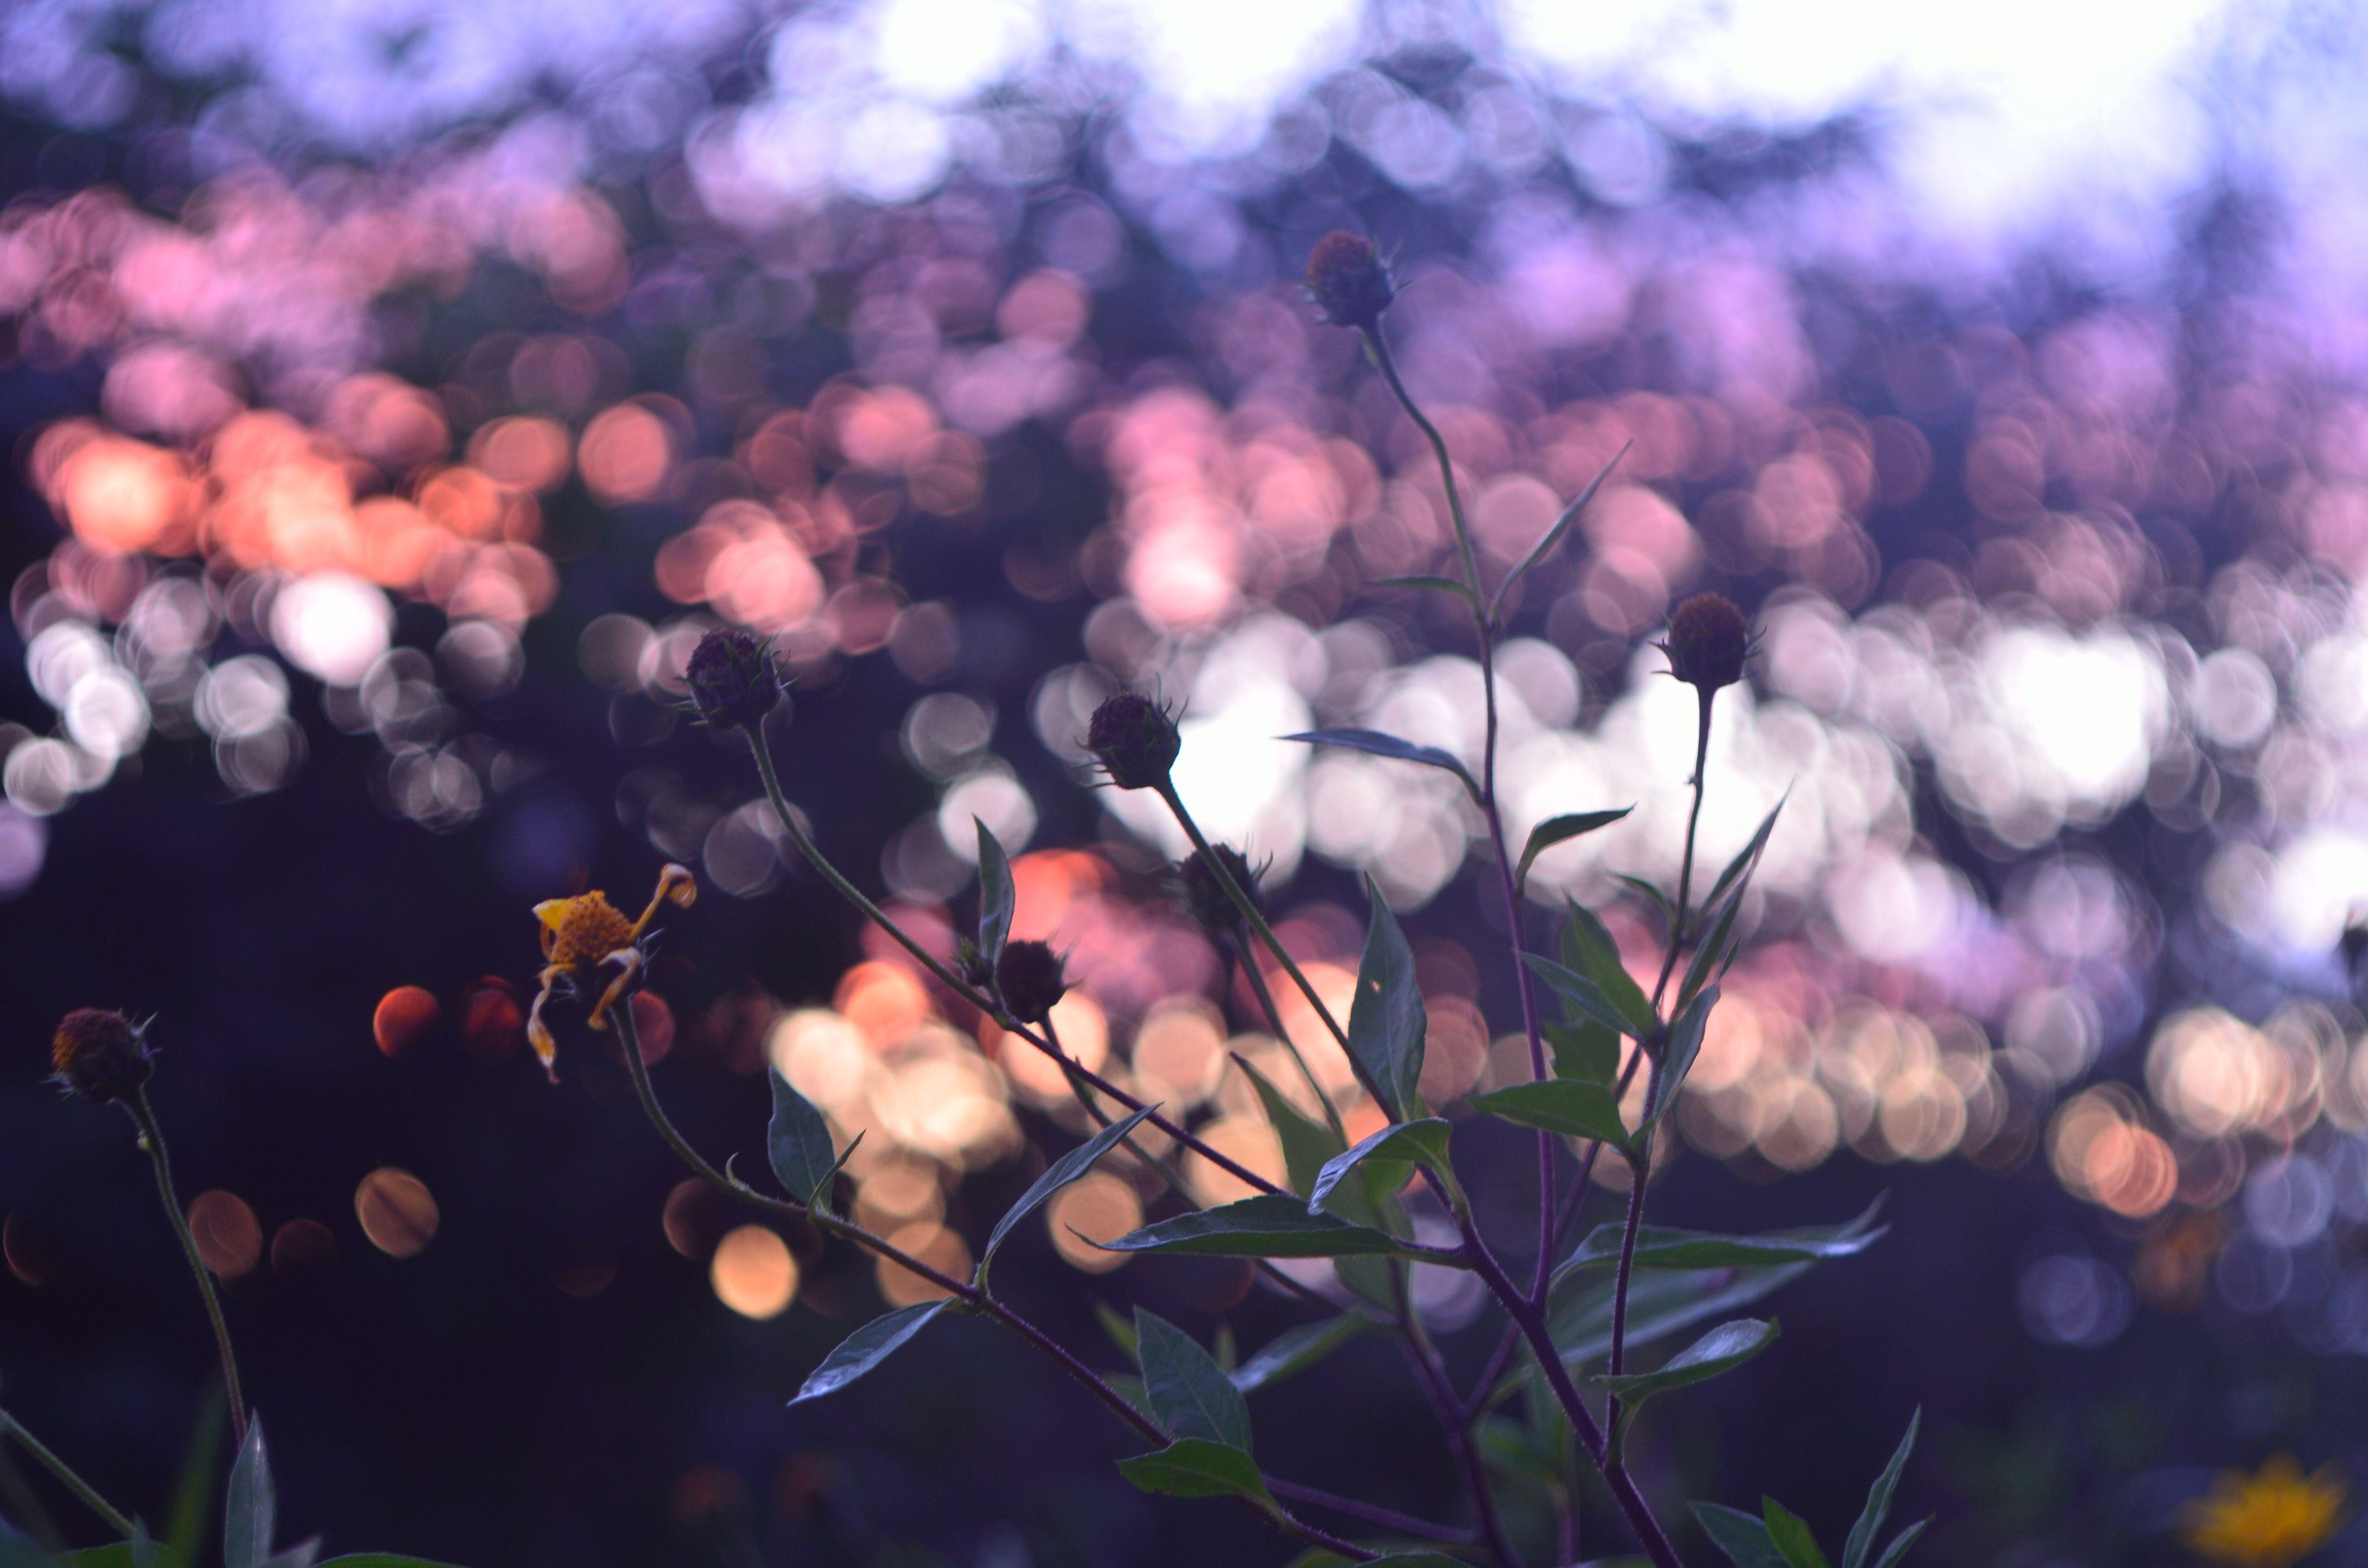 цветы на закате бесплатно